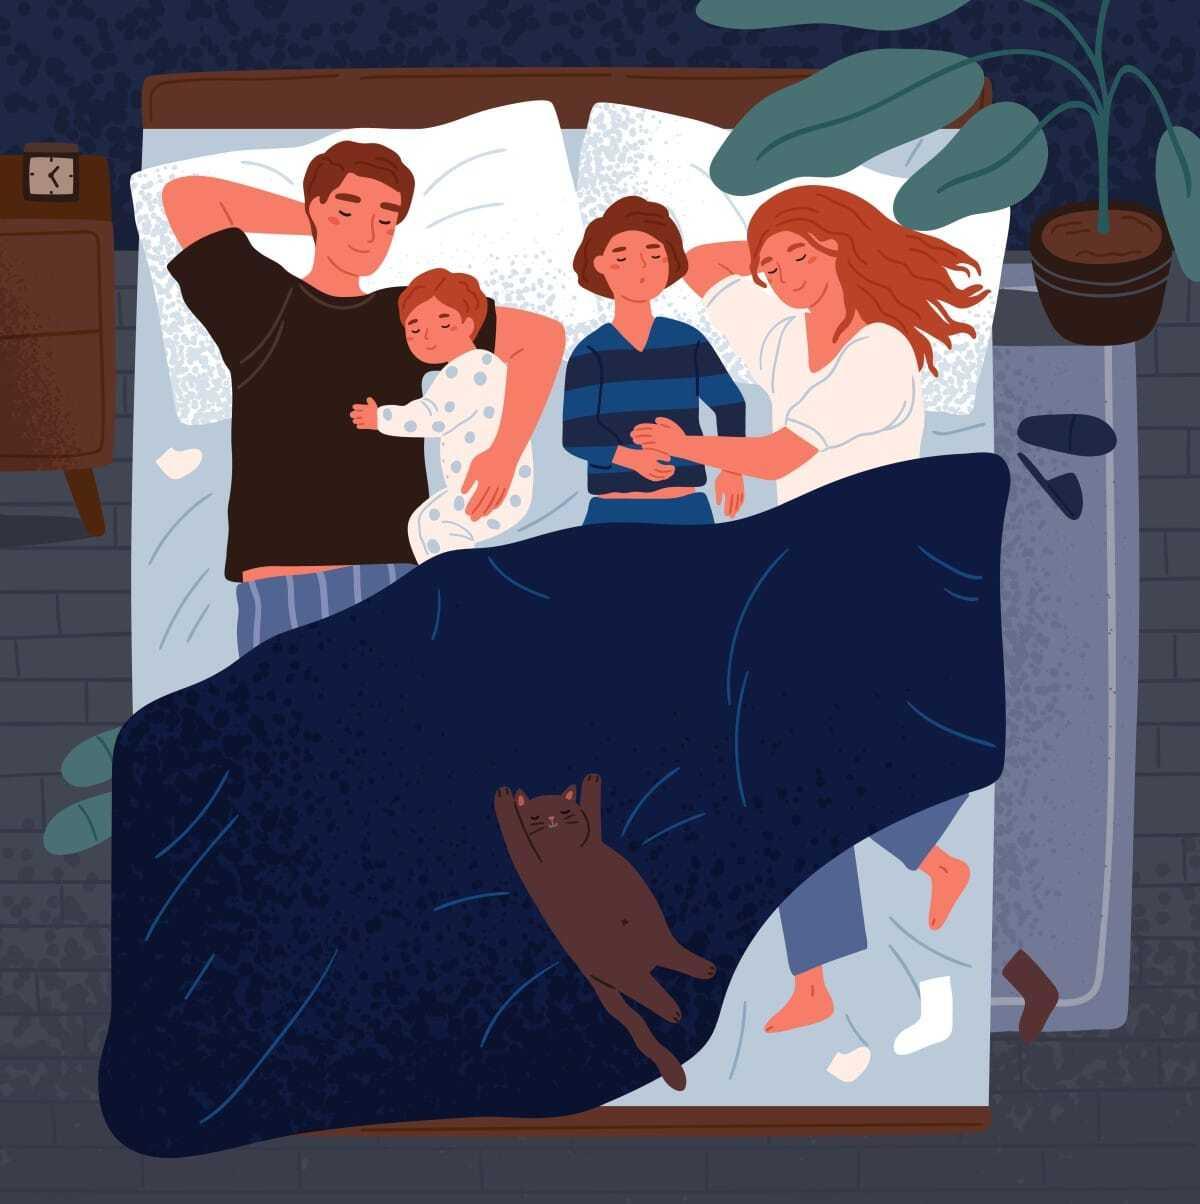 как наладить отношения в семье с мужем